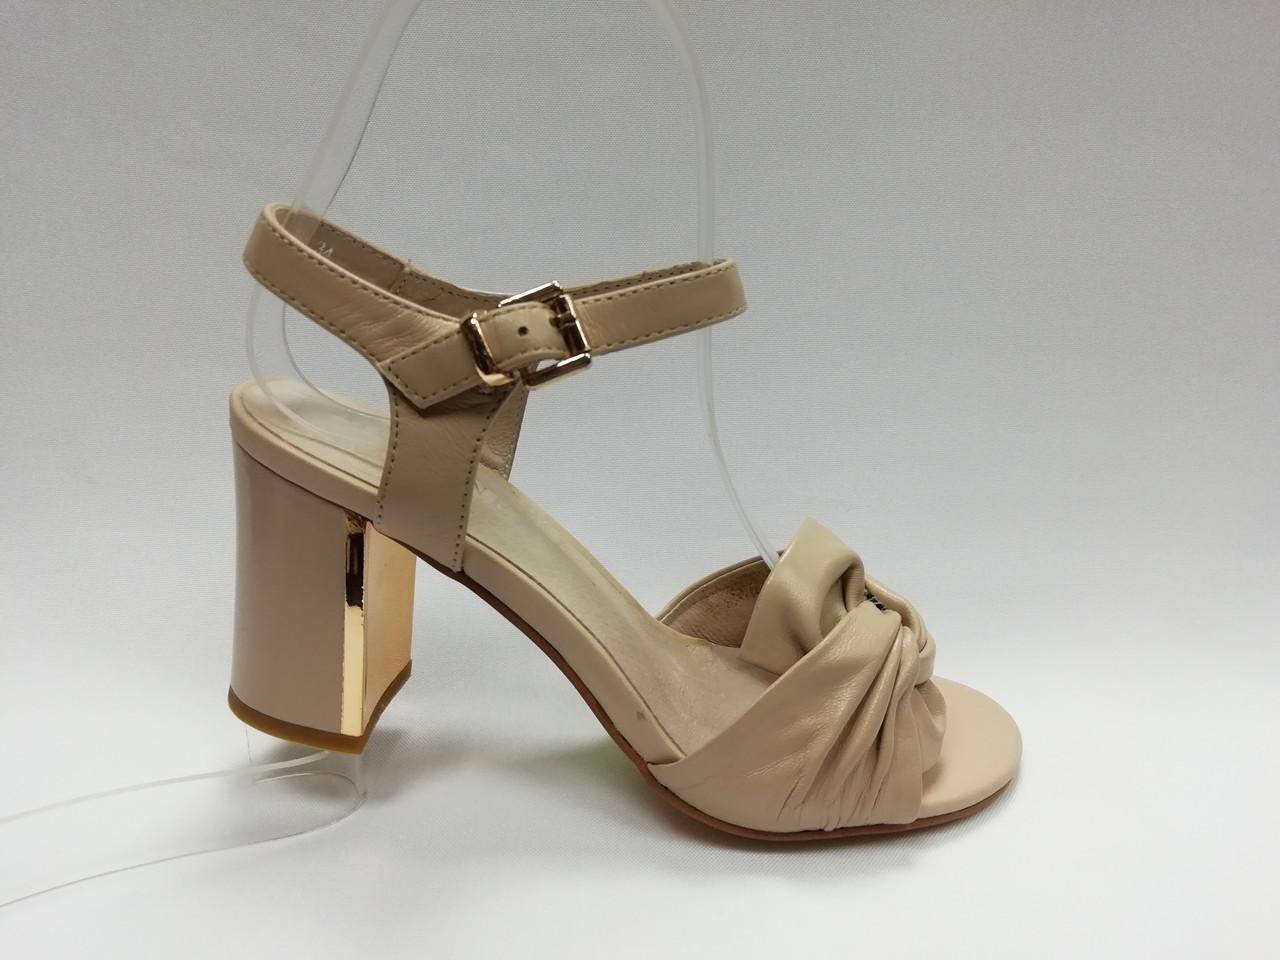 Открытые кожаные босоножки на каблуке. Маленькие (33 - 35) размеры.